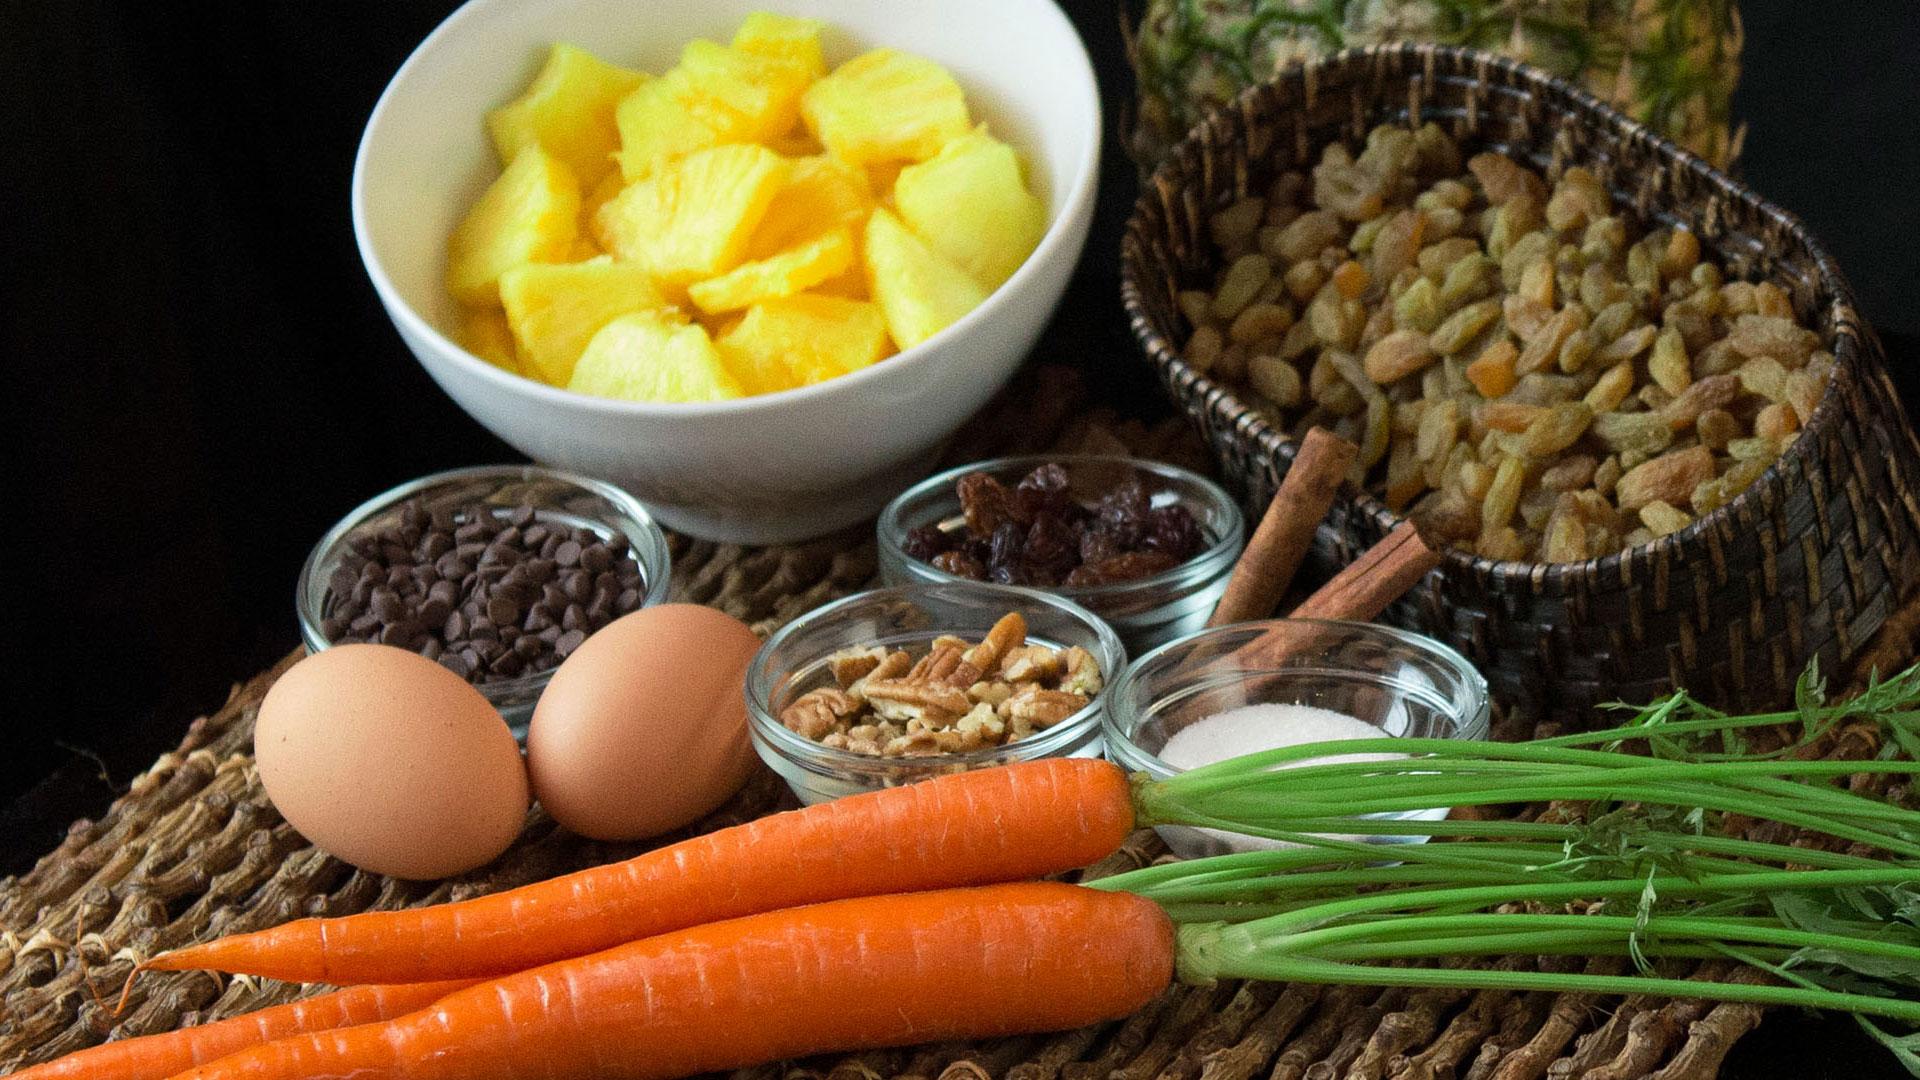 Fresh Carrot Cake Ingredients